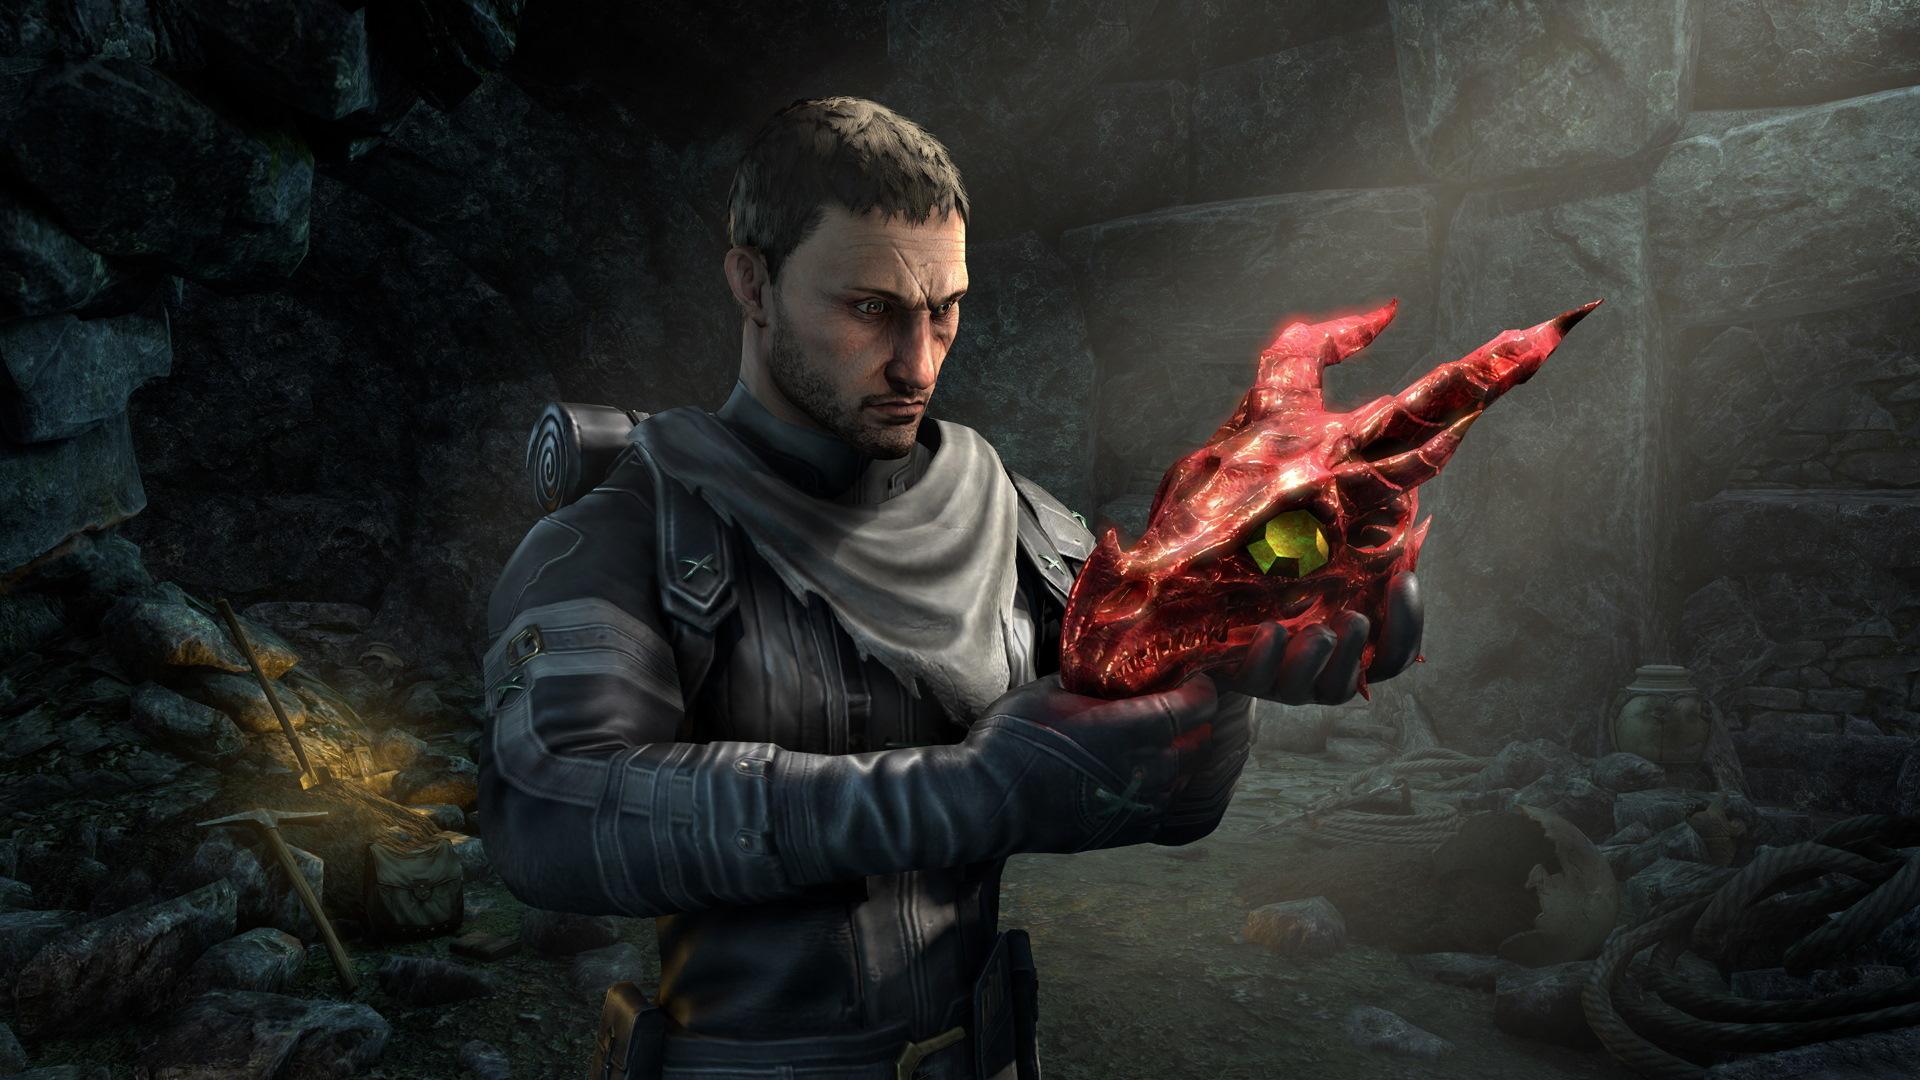 Анонс «Темного сердца Скайрима» и The Elder Scrolls Online: Greymoor